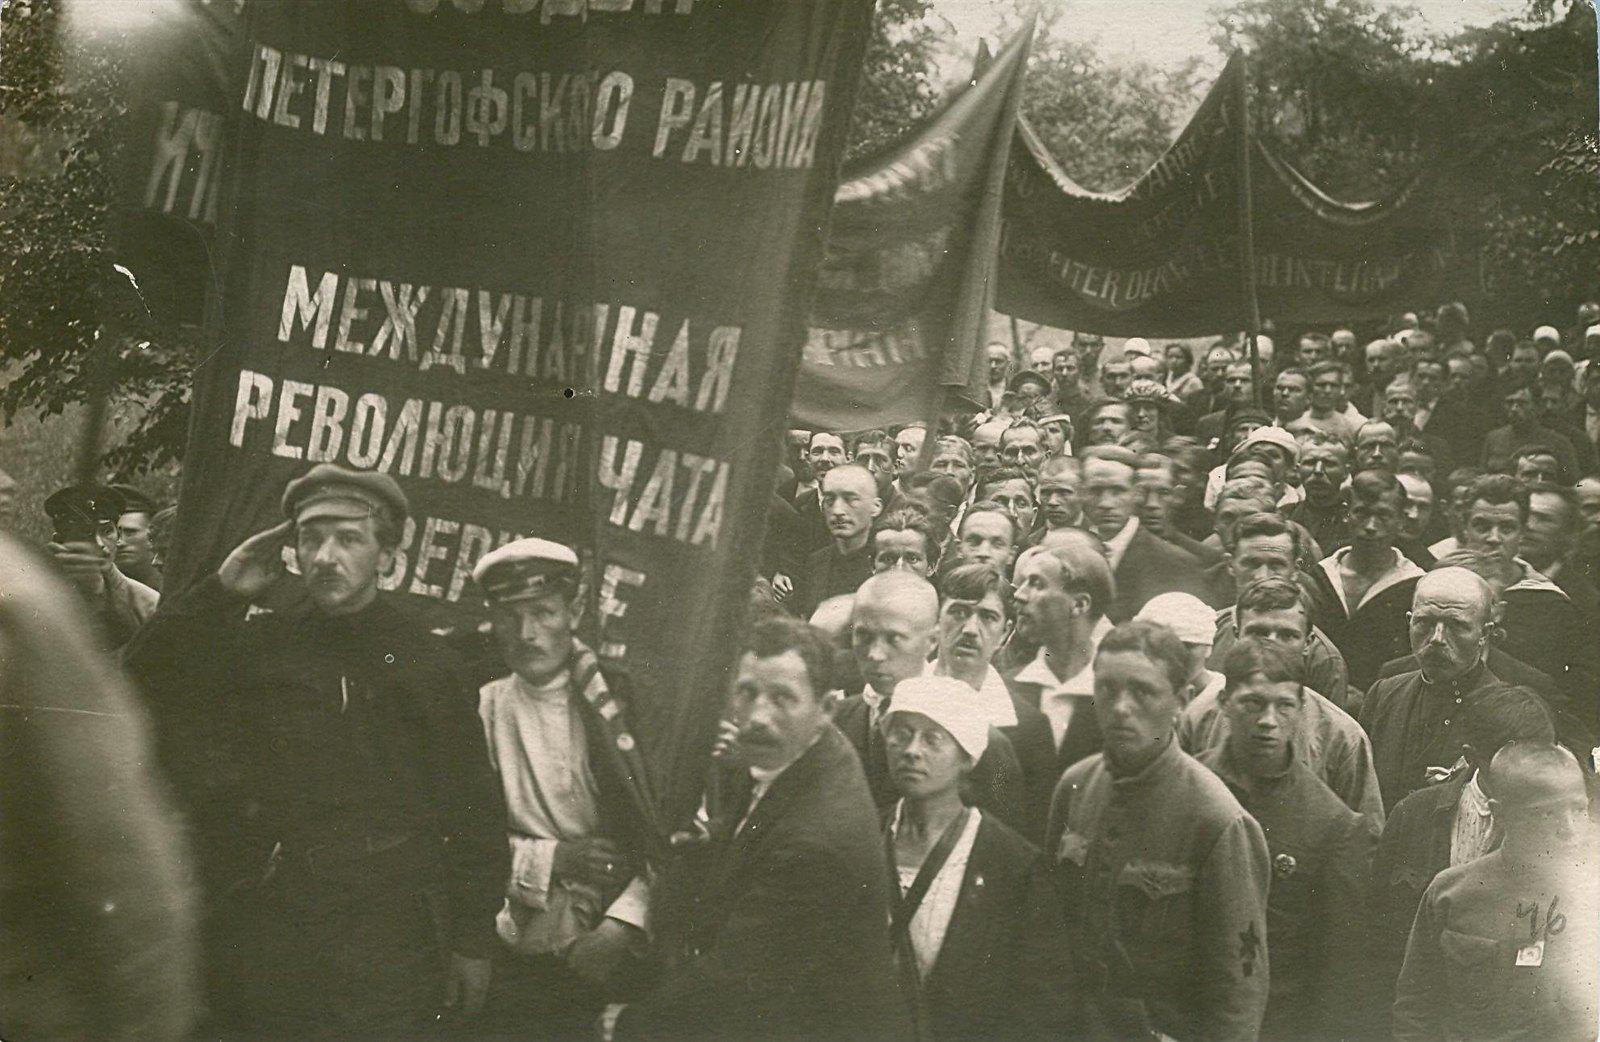 20. 1920. 19 июля. В день торжественного открытия II конгресса Коминтерна у Смольного